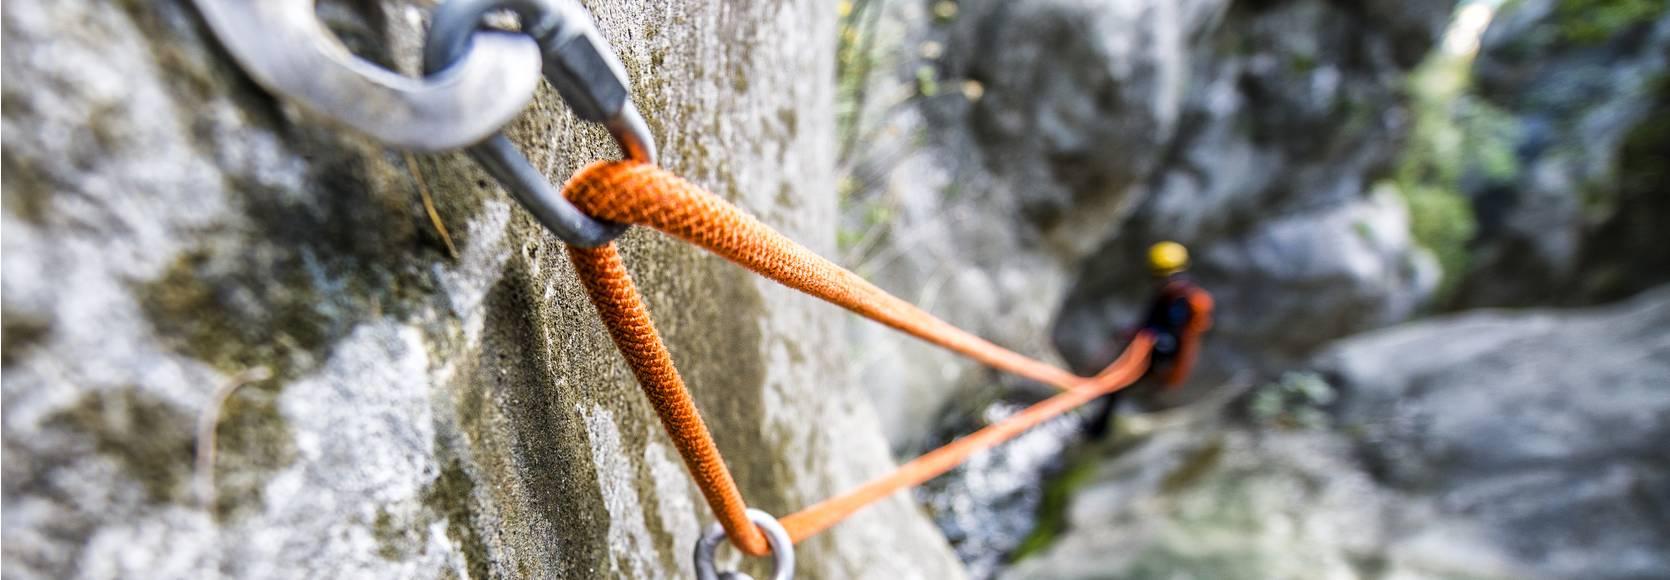 Sicherheit-am-Berg_iStock_EXTREME-PHOTOGRAPHER_510584916_header